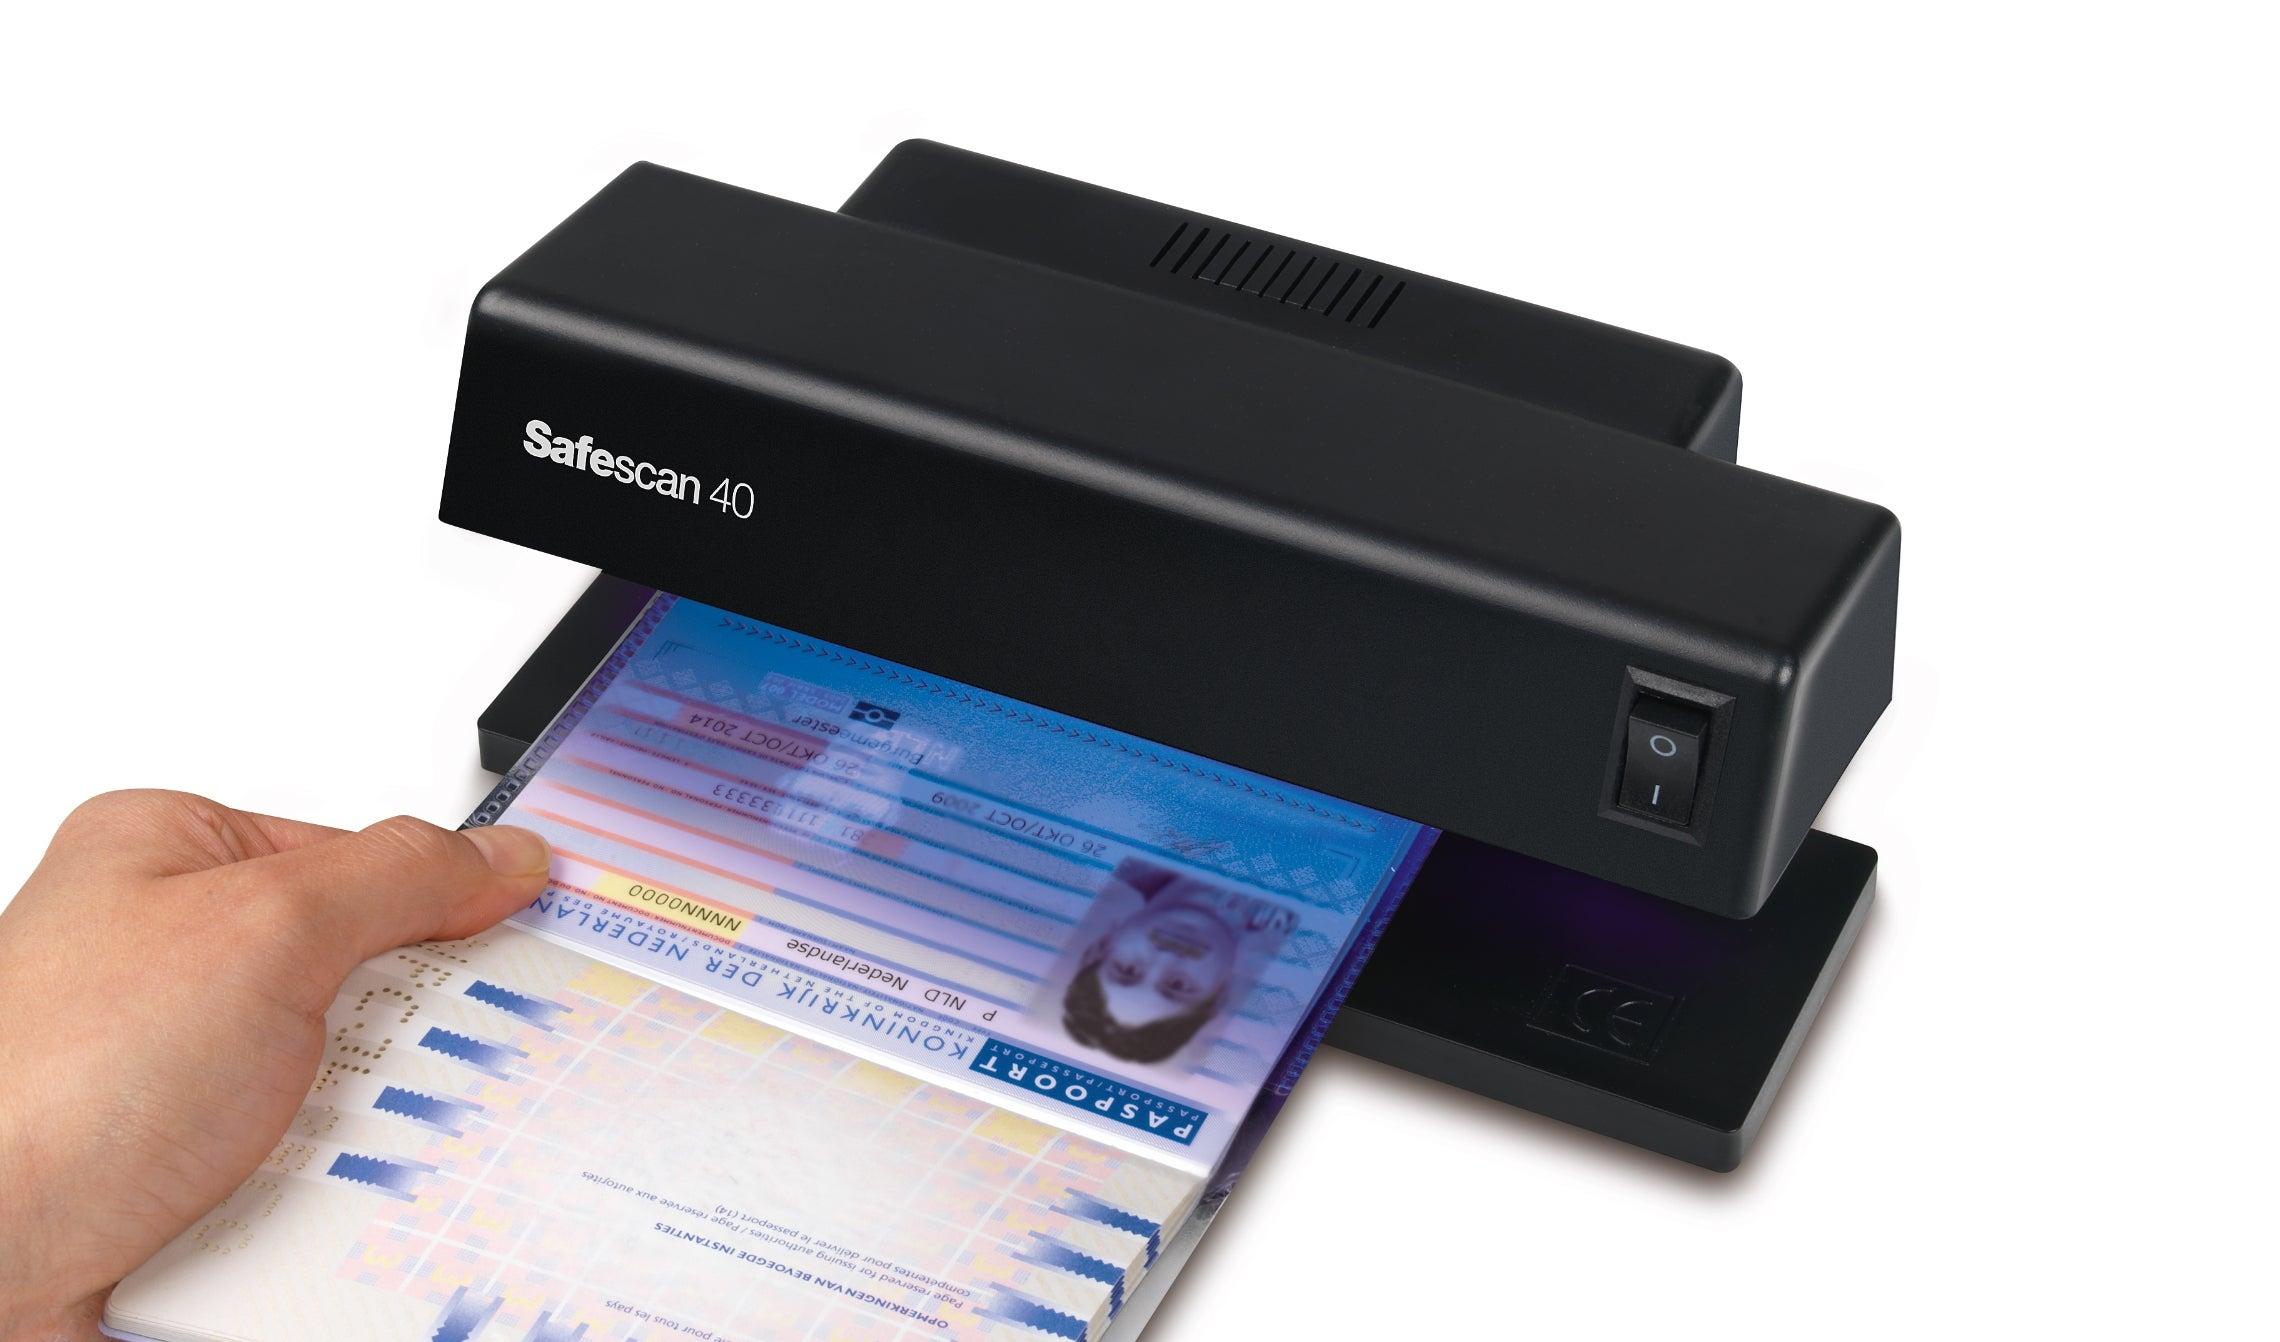 safescan-40-passport-check